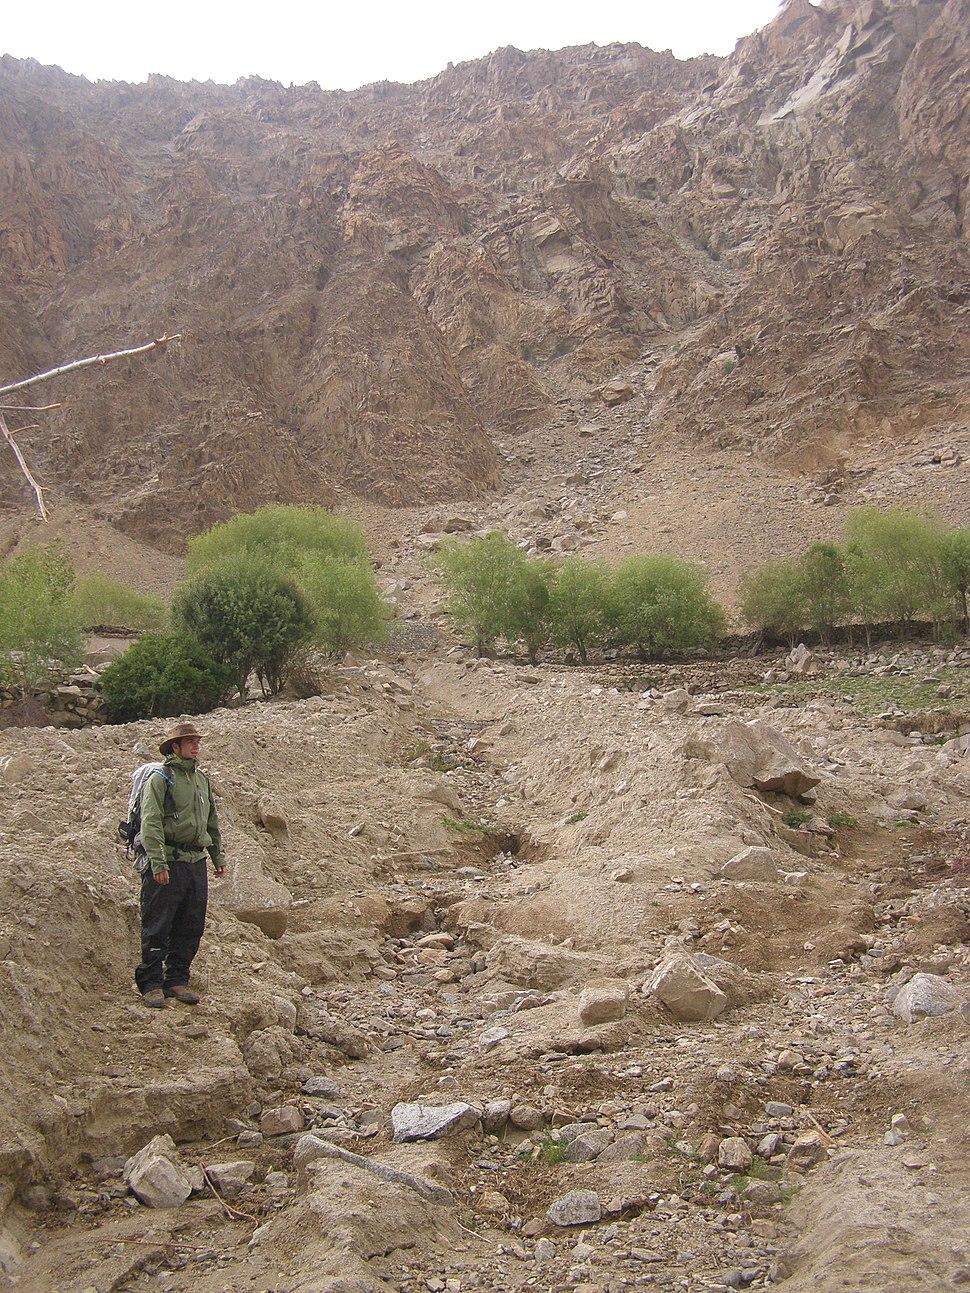 Debris flow deposit, Ladakh, NW Indian Himalaya (2)